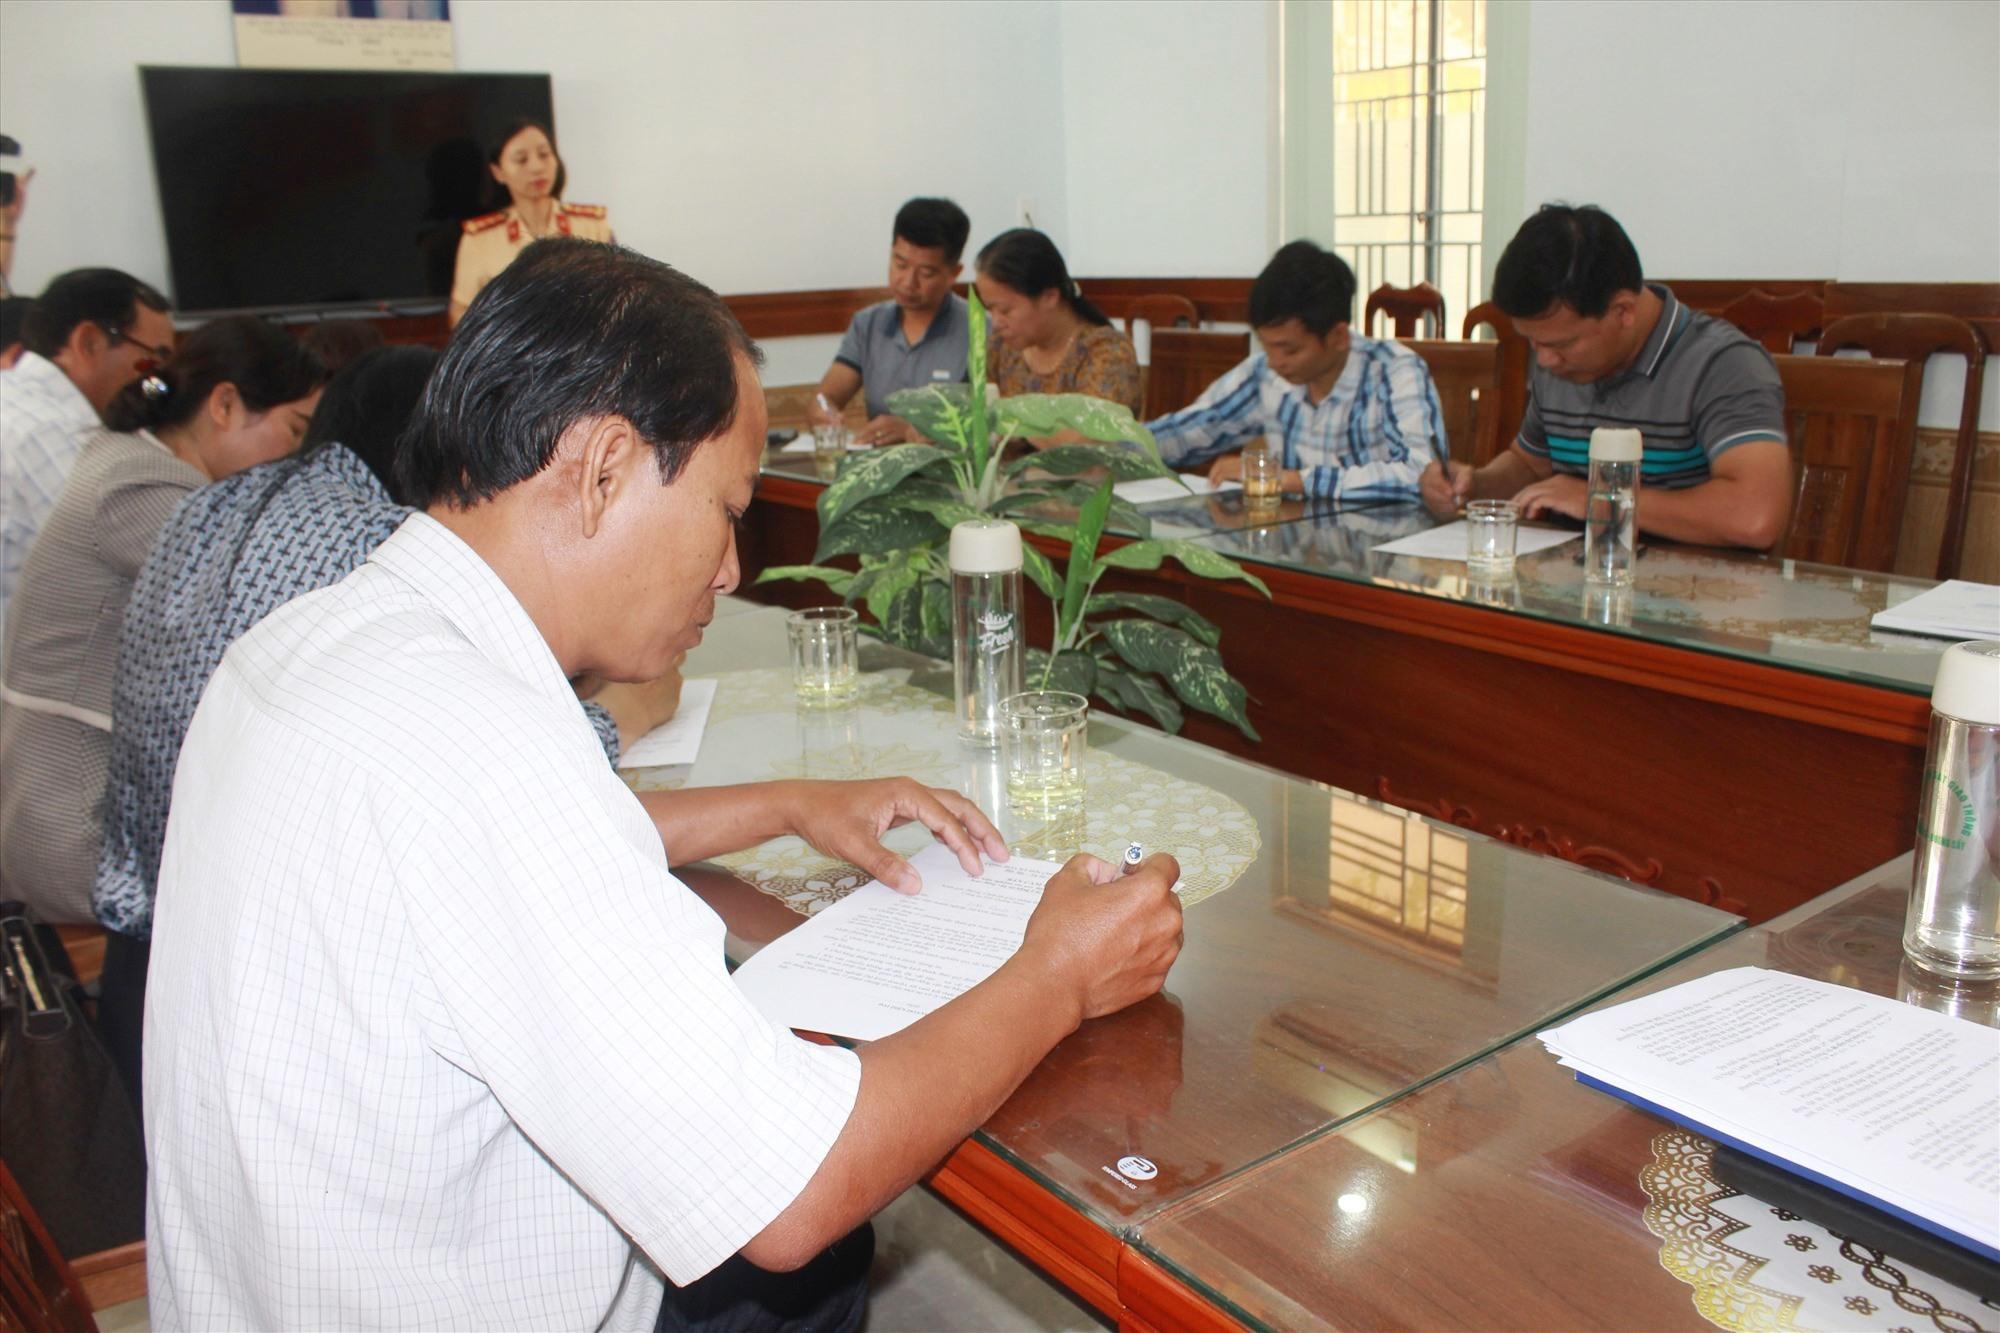 Các chủ doanh nghiệp ký cam kết với Phòng CSGT. Ảnh: T.C